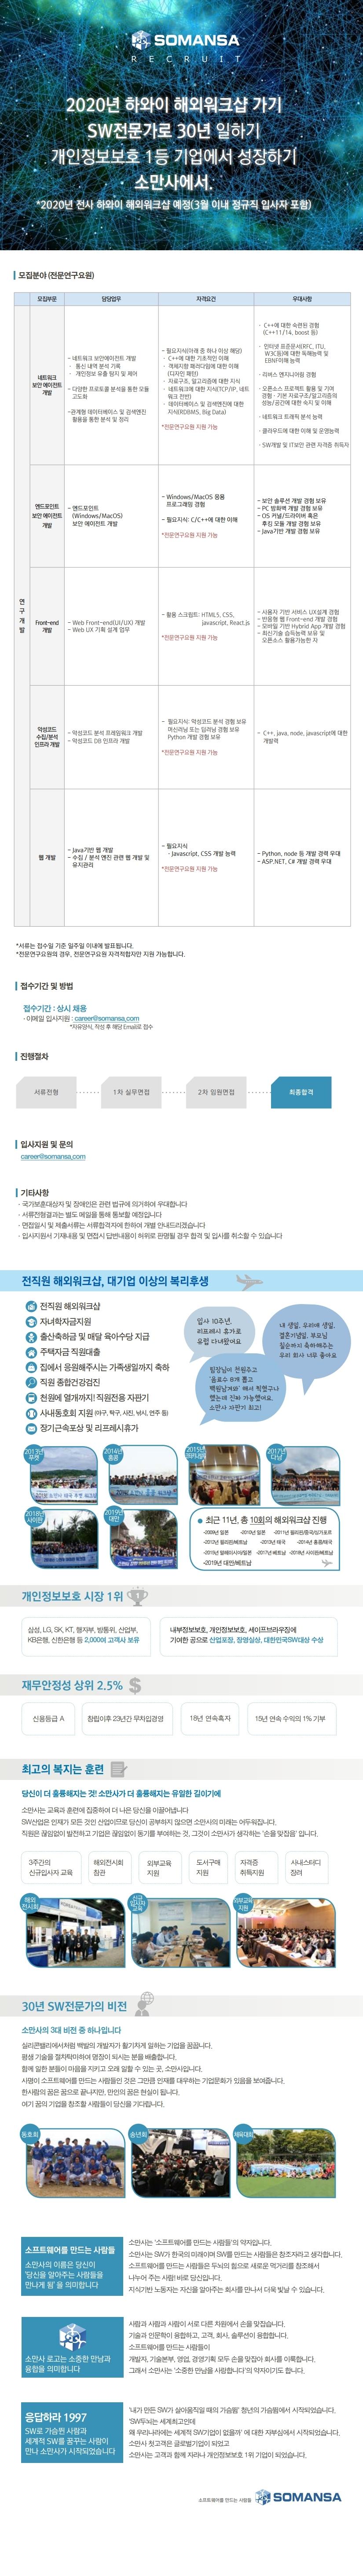 소만사_전문연구요원 모집공고.pdf_page_1.jpg